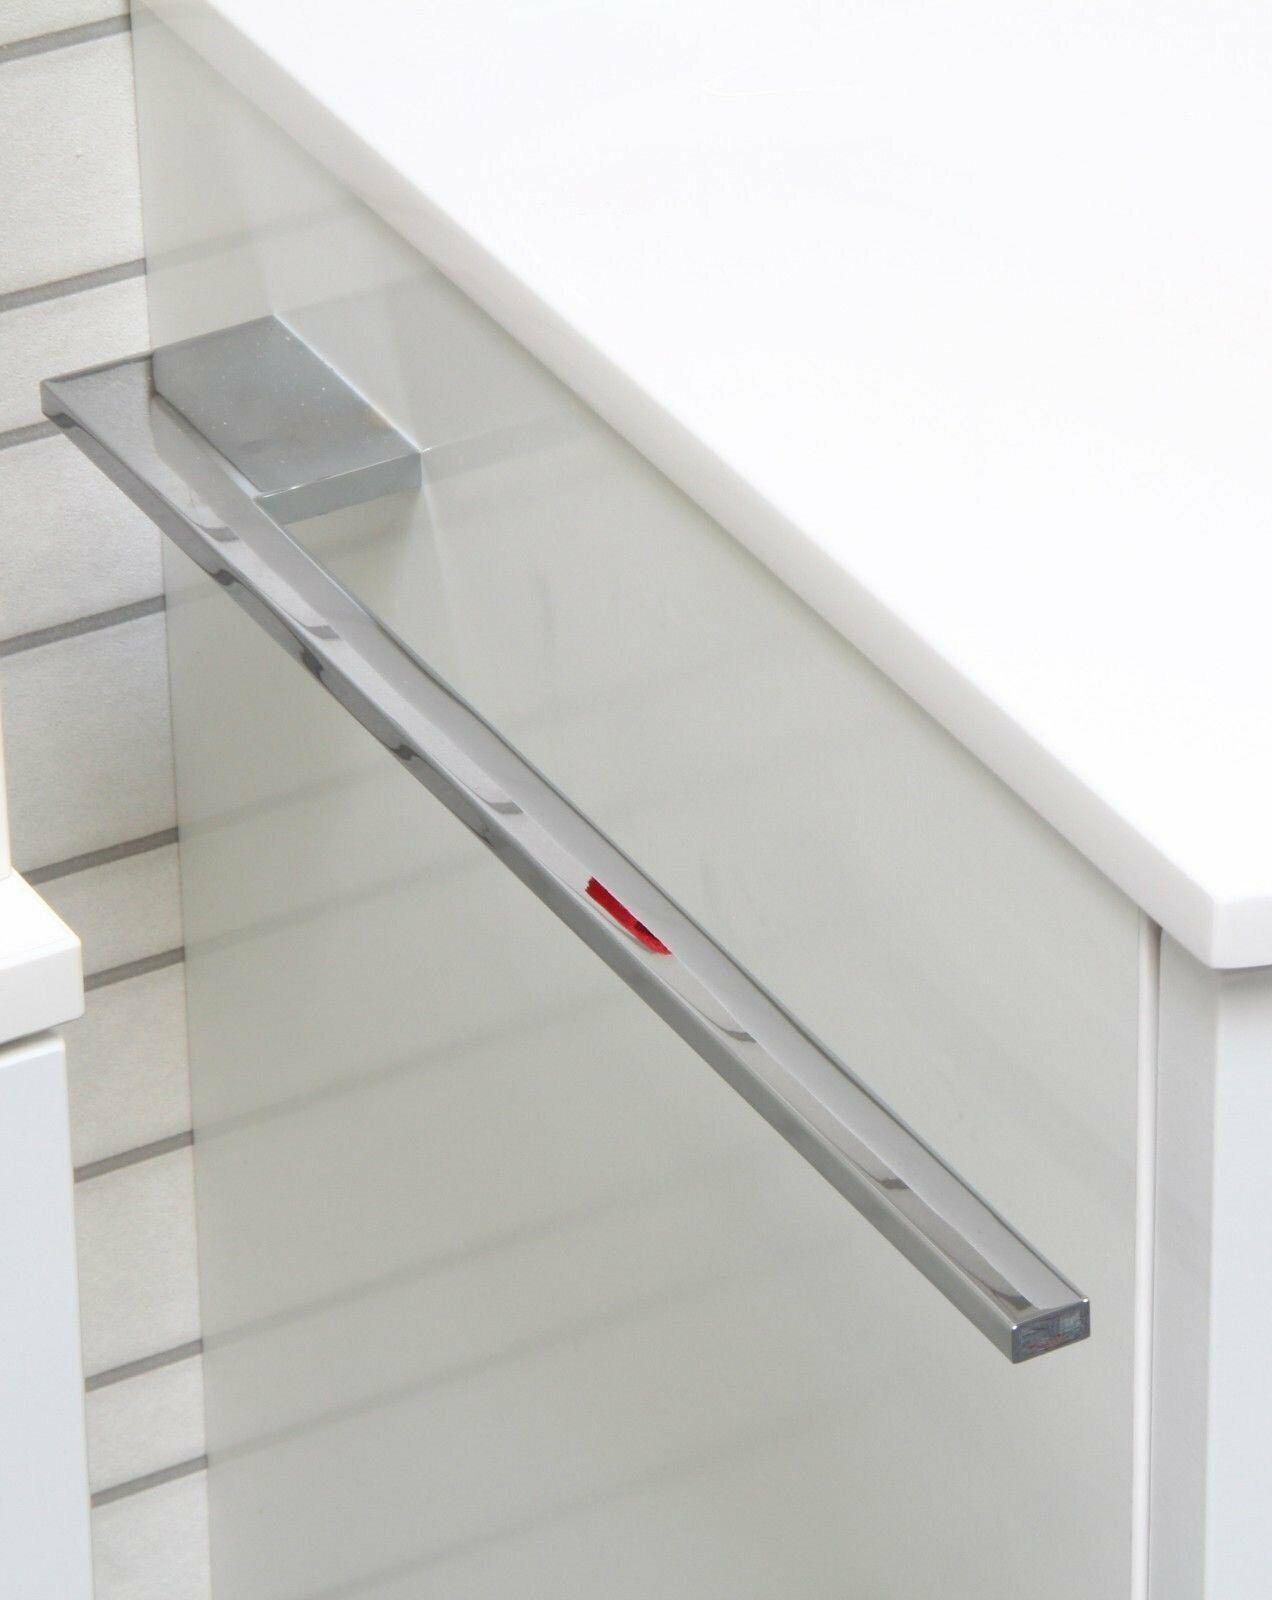 Handtuchhalter Bad WC Schrank Chrom Fackelmann Design Handtuchstange